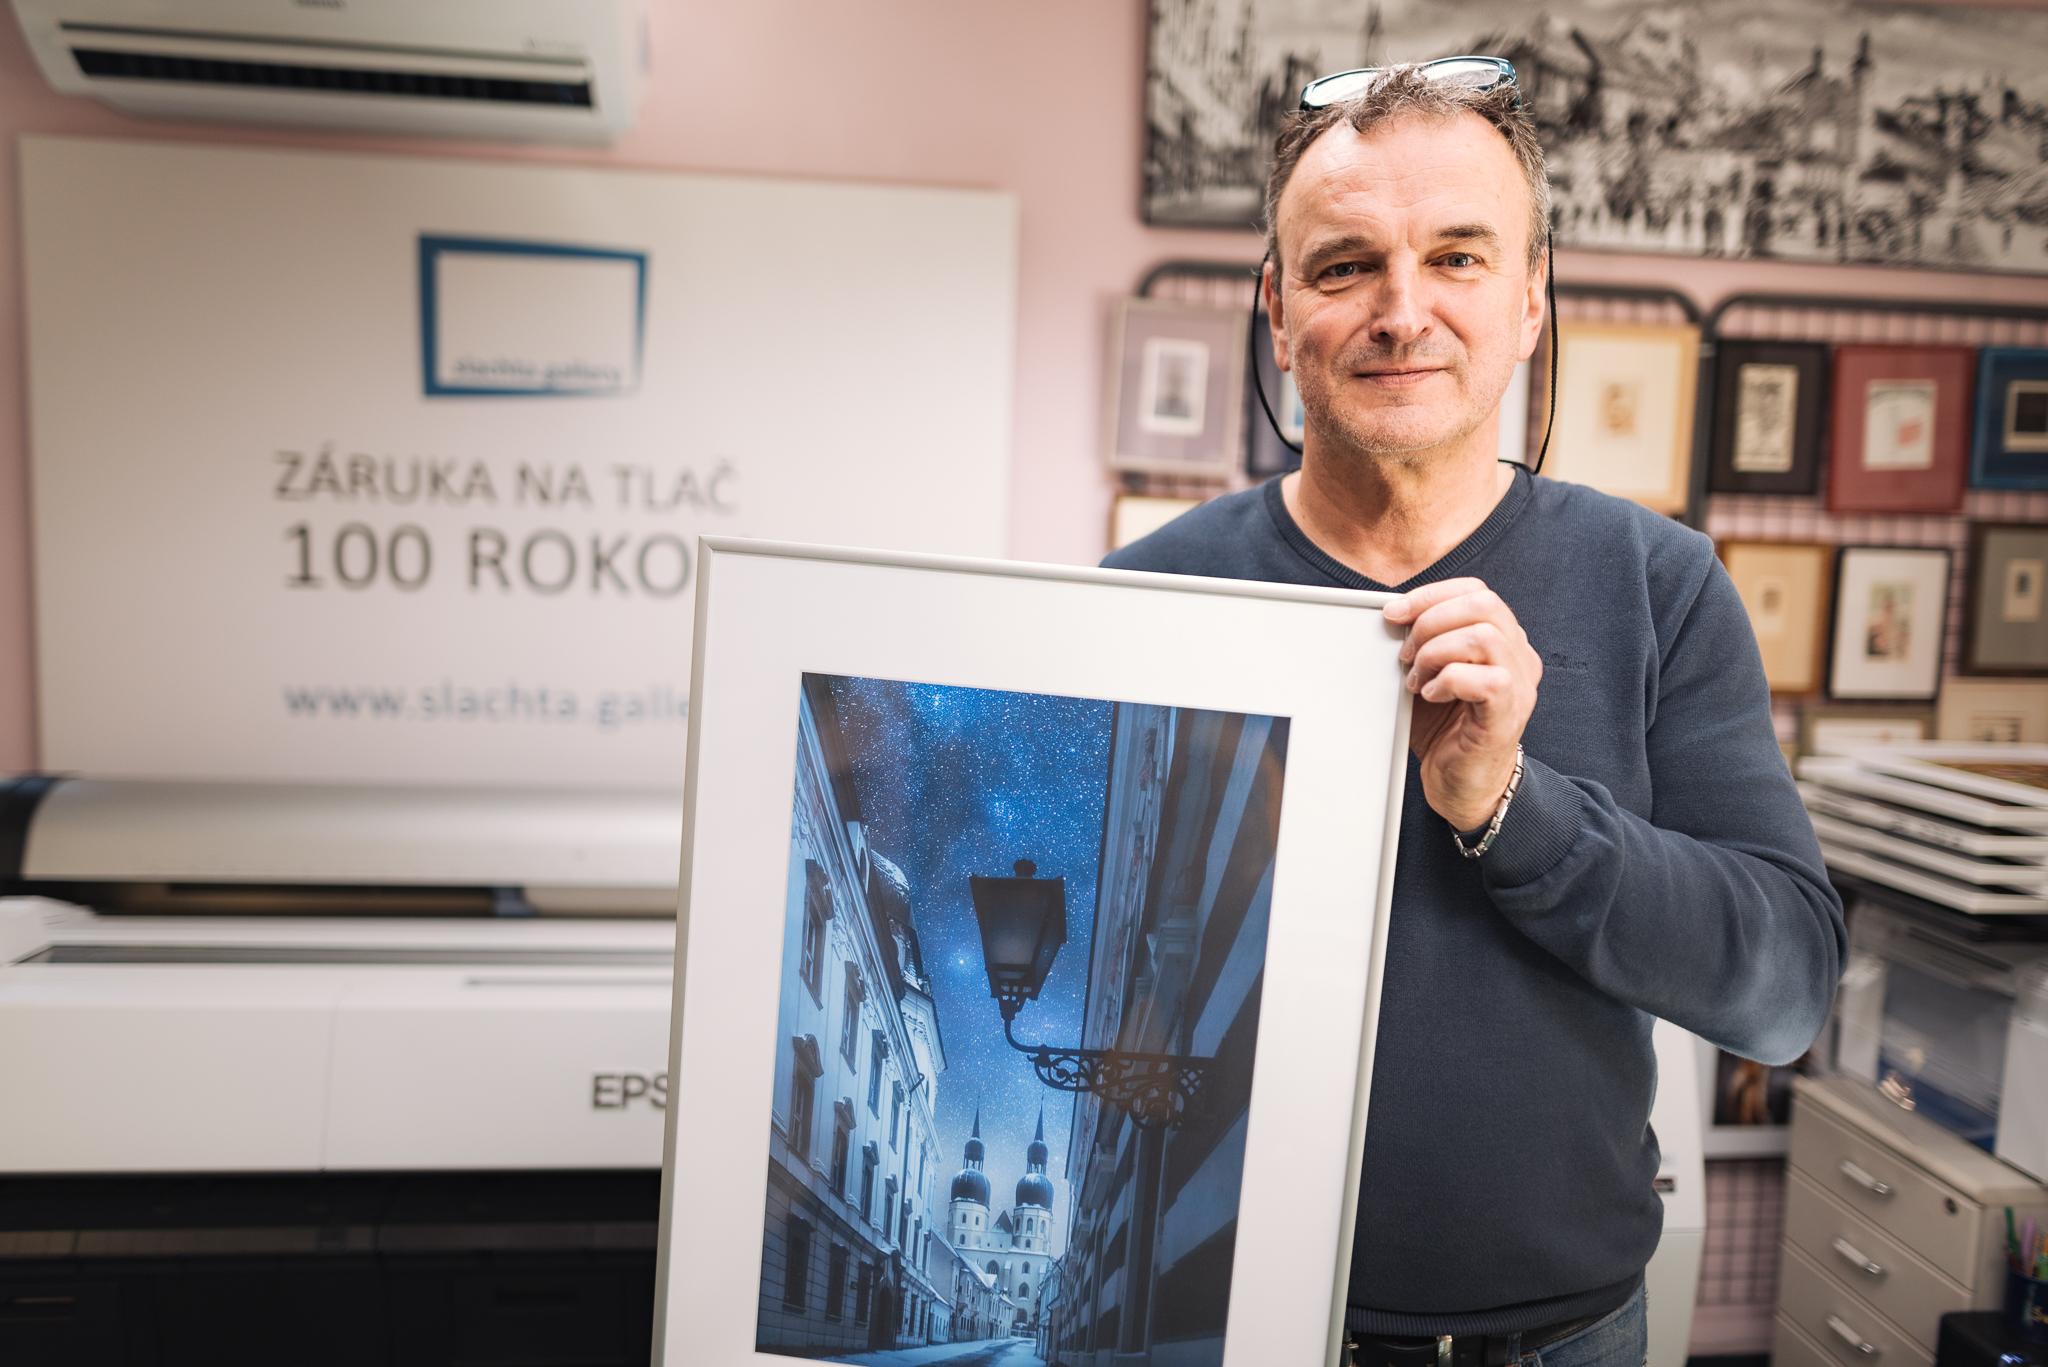 Rozmer cca 65 x 45 centimetrov, skvelé materiály a kvalitná tlačktorej garantom je Norbert Šlachta z ART Gallery na Haulíkovej 4, Trnava.